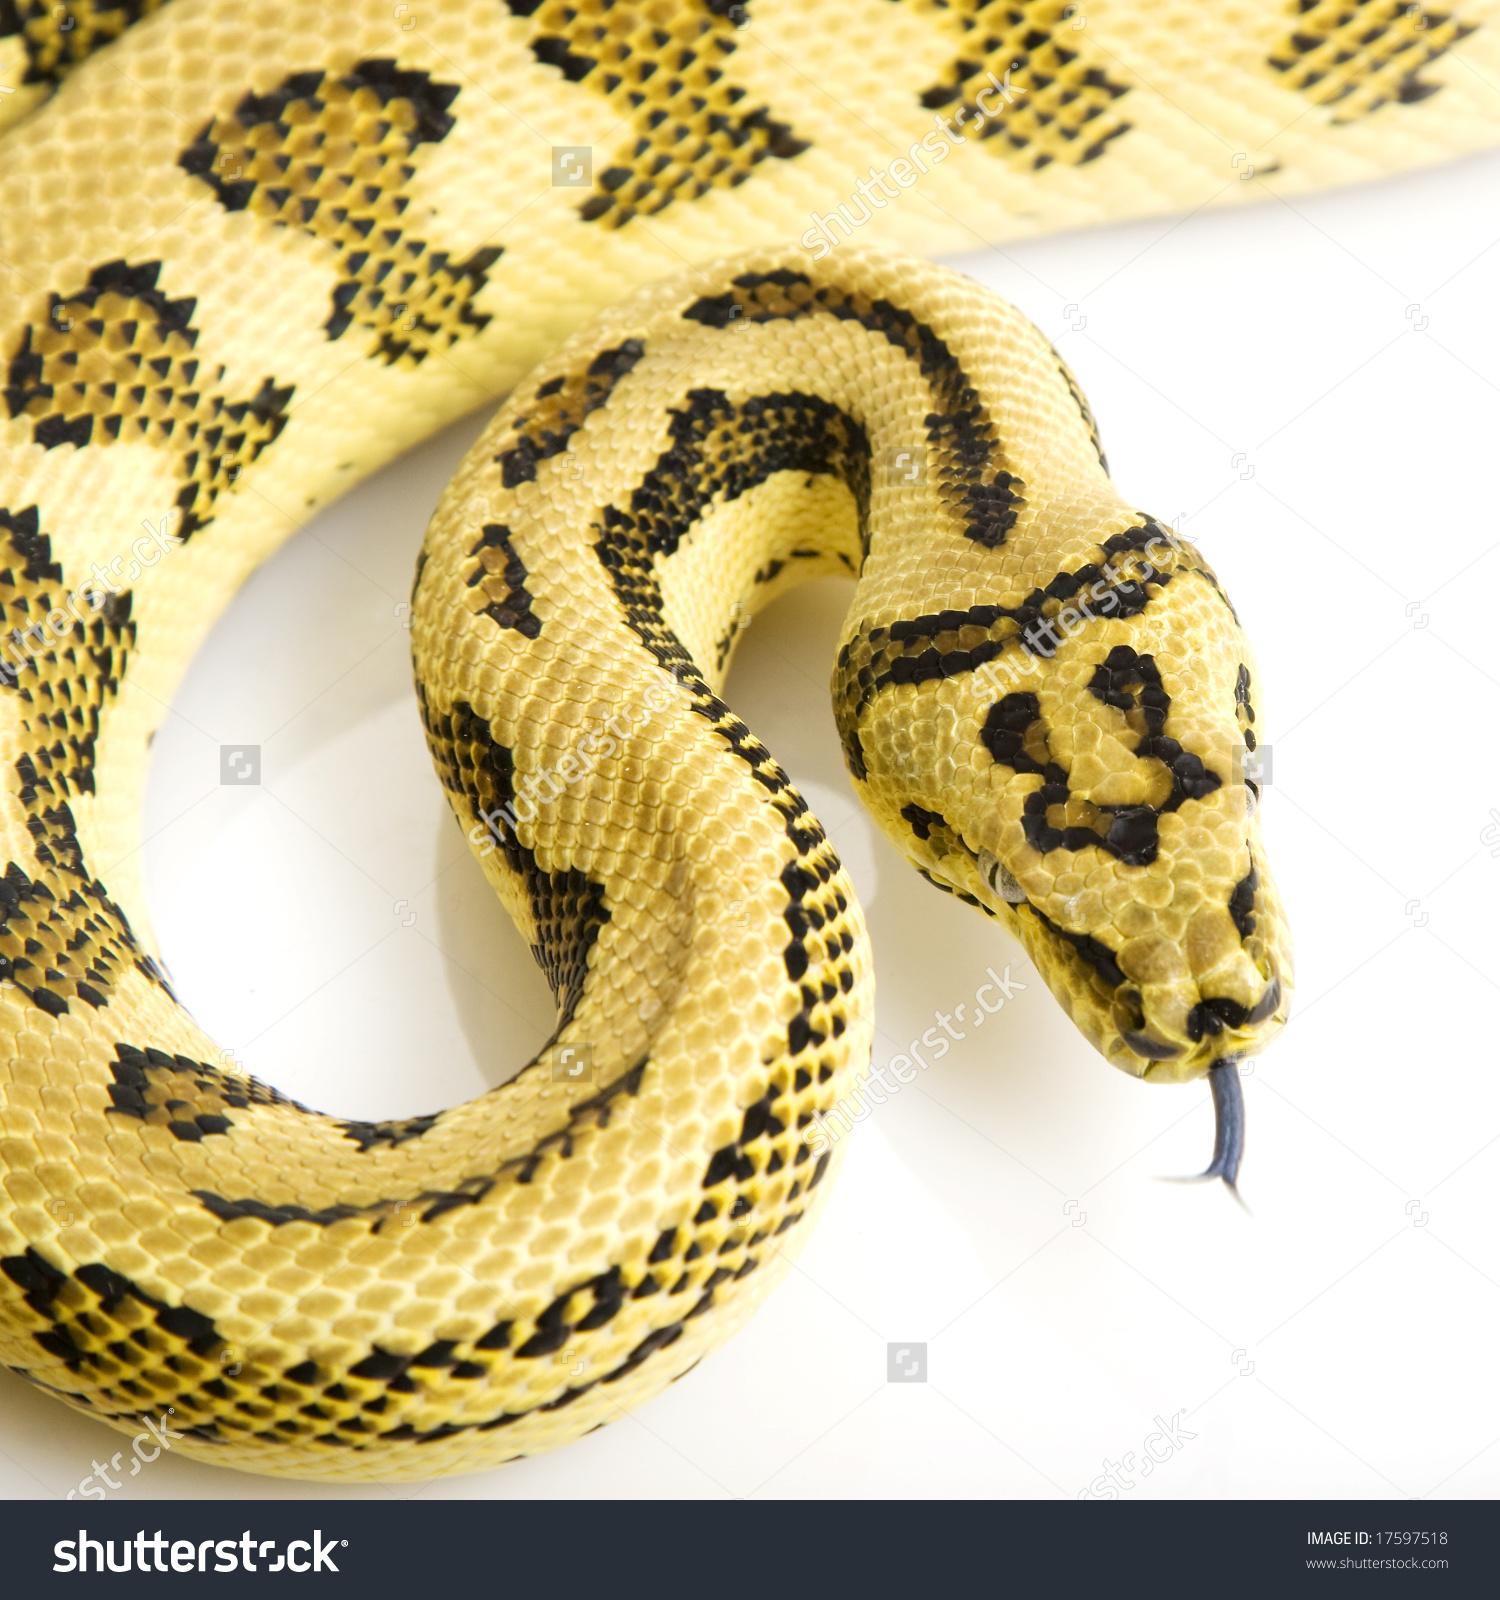 Jungle Jaguar Carpet Python (Morelia Spilota Variegata) On White.